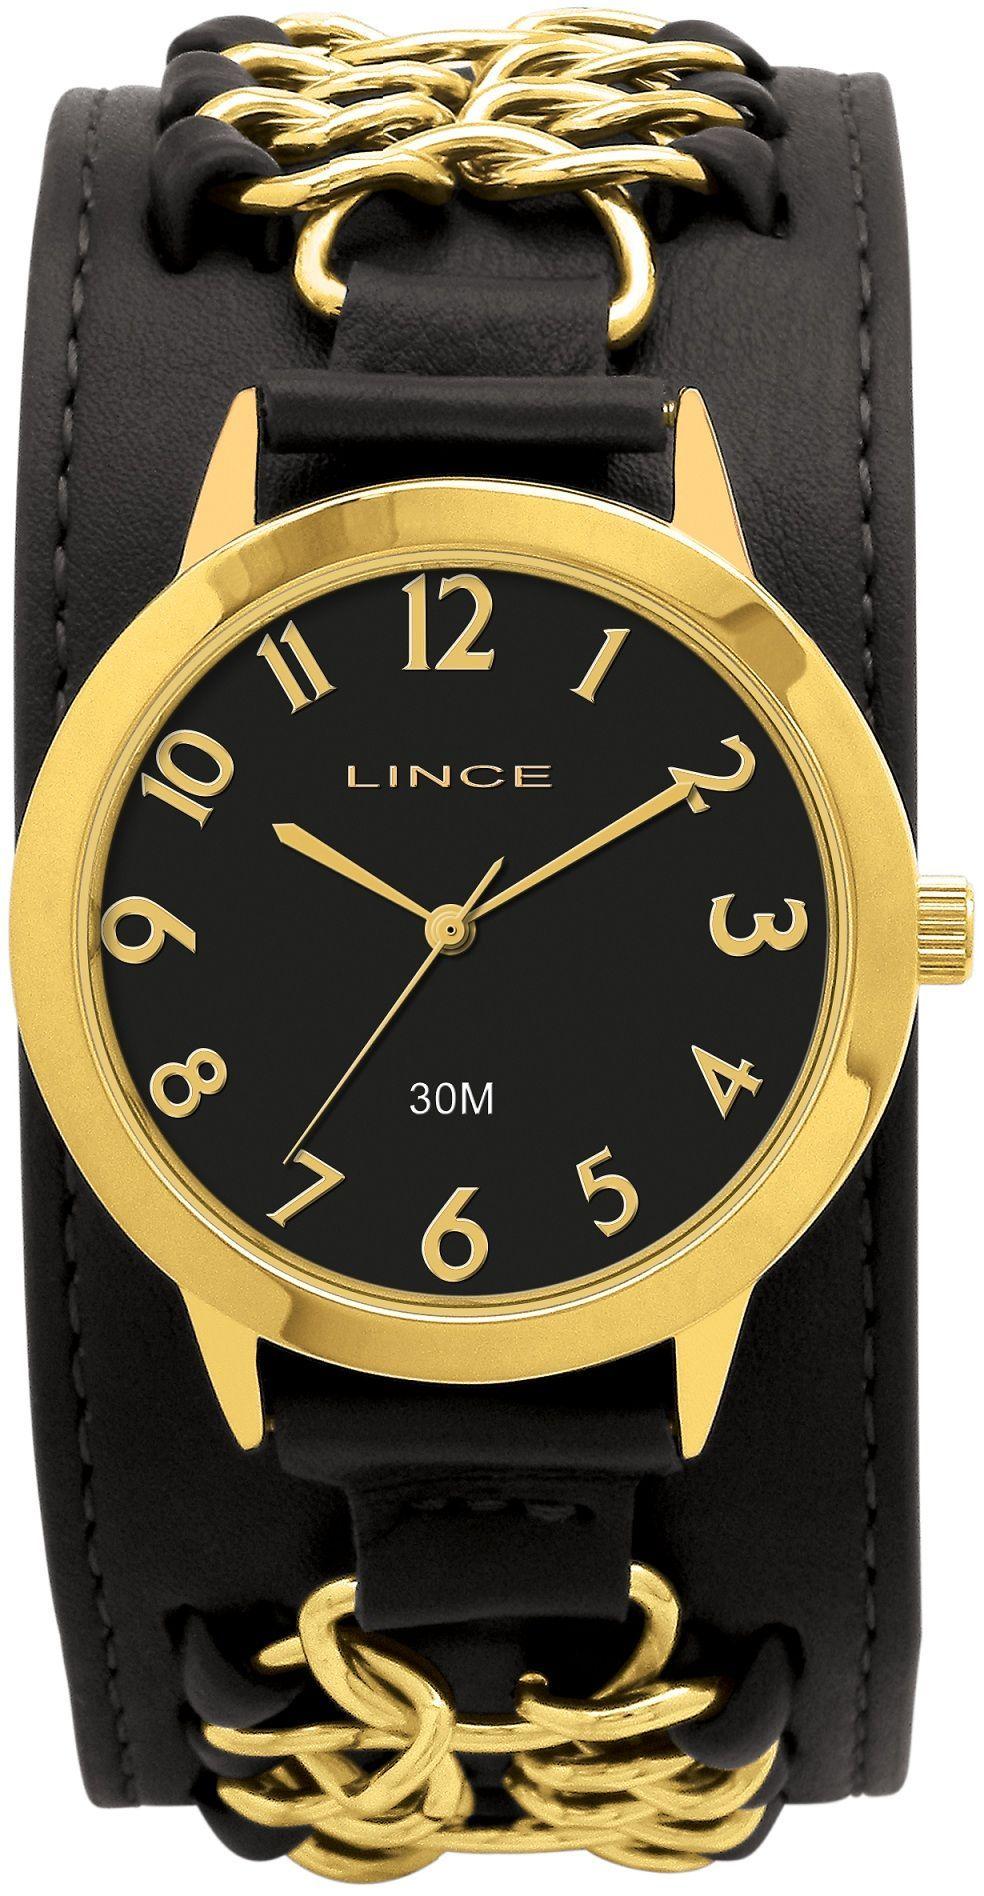 dffc6385dd9 Relógio Lince Feminino Modelo  Lrc4206l P2px Tamanho  Medio Funções -  Analógico Características - Bateria